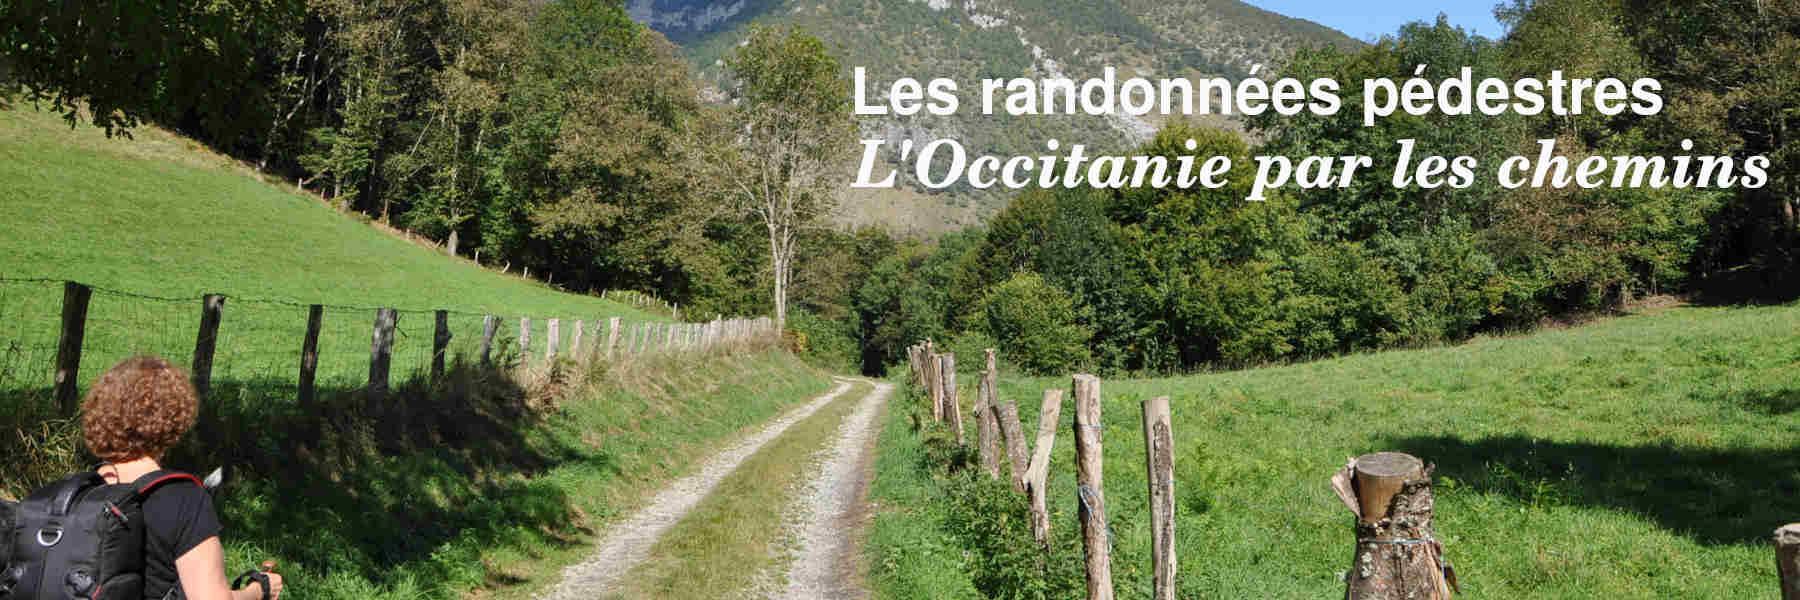 Les randonnées pédestres en Occitanie